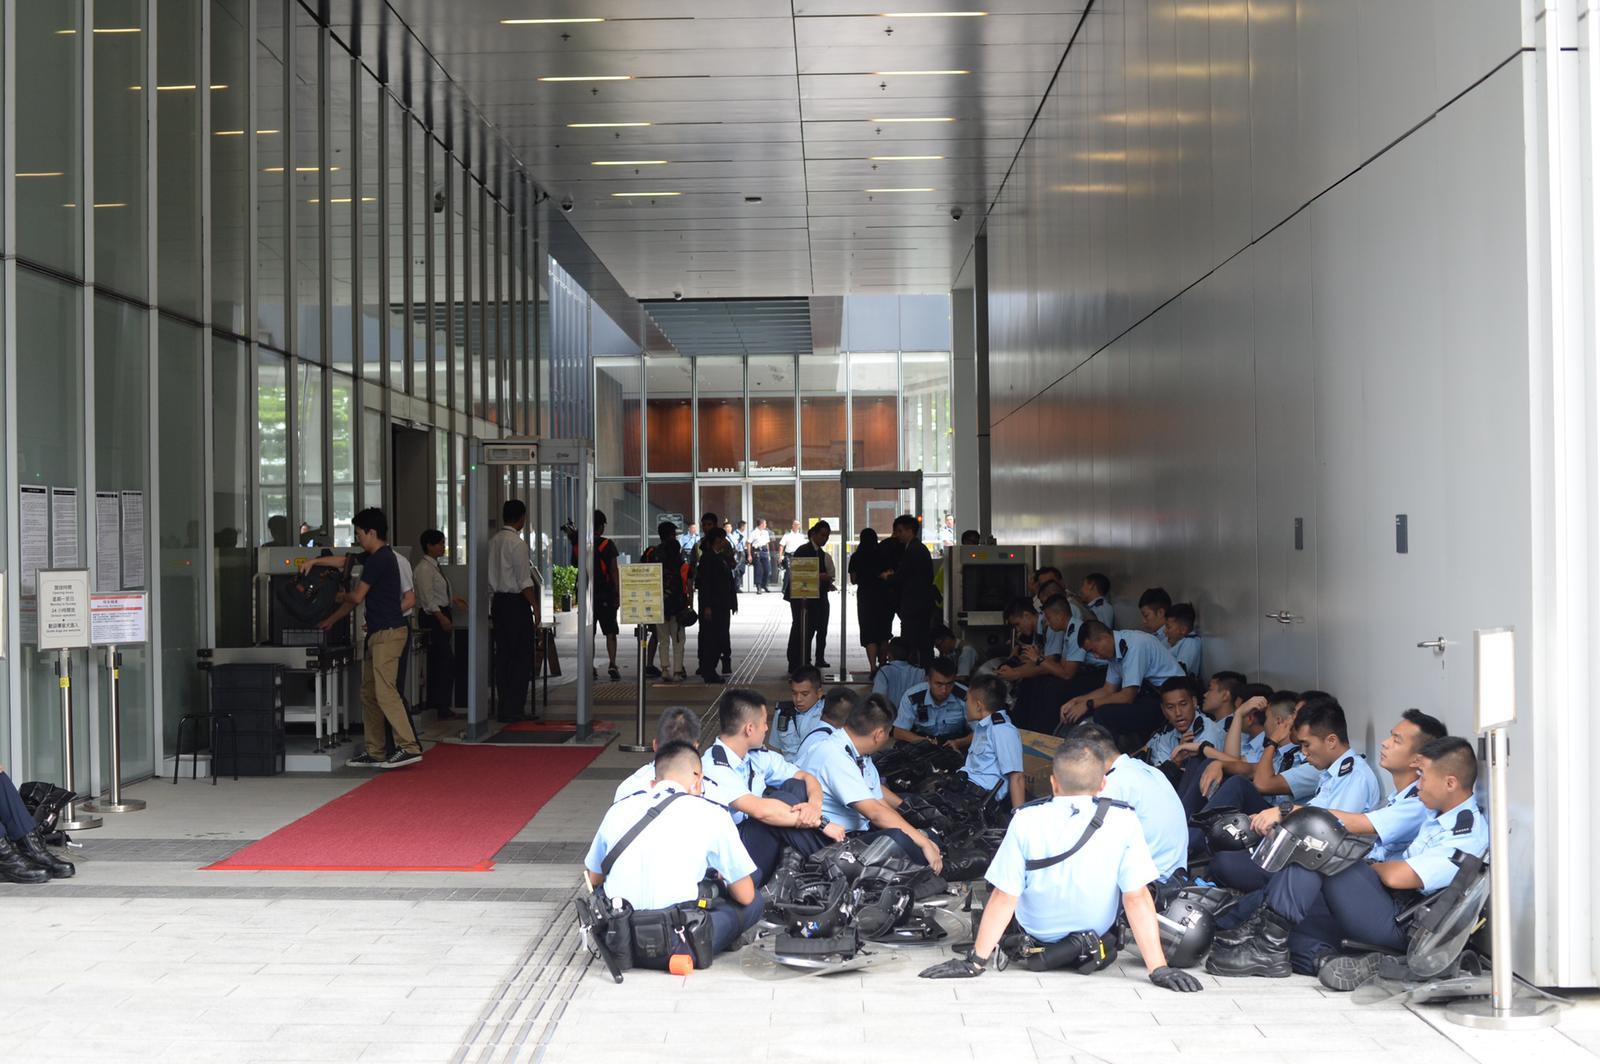 部分警員徹夜留守後疲憊不堪,坐在地上休息。